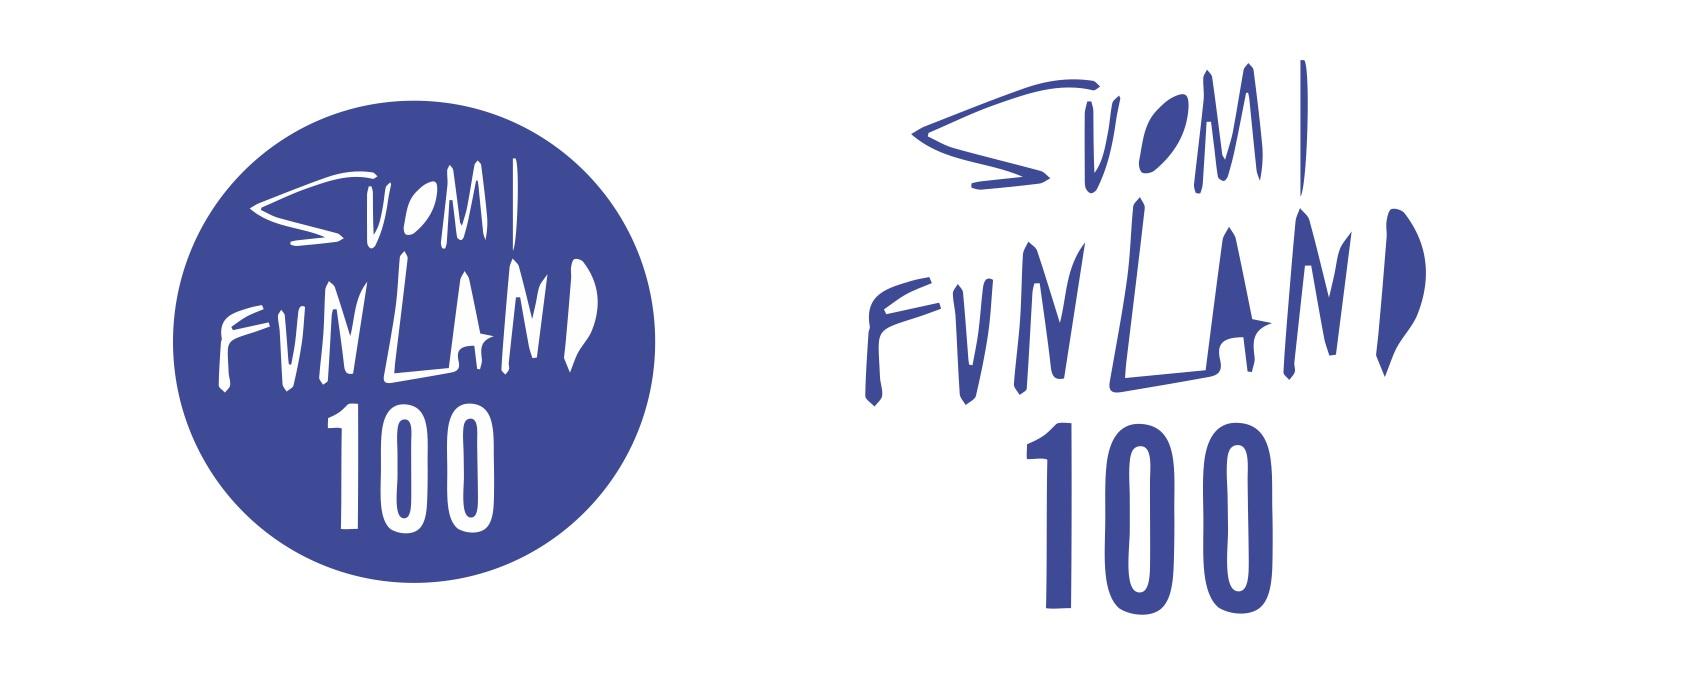 Tulevan vuoden aikana tulemme käsittelemään Suomi Funland -logon alla satavuotiaaseen Suomeen liittyviä kysymyksiä ja ongelmia. Ja sitä sarkaa riittää kynnettäväksi.